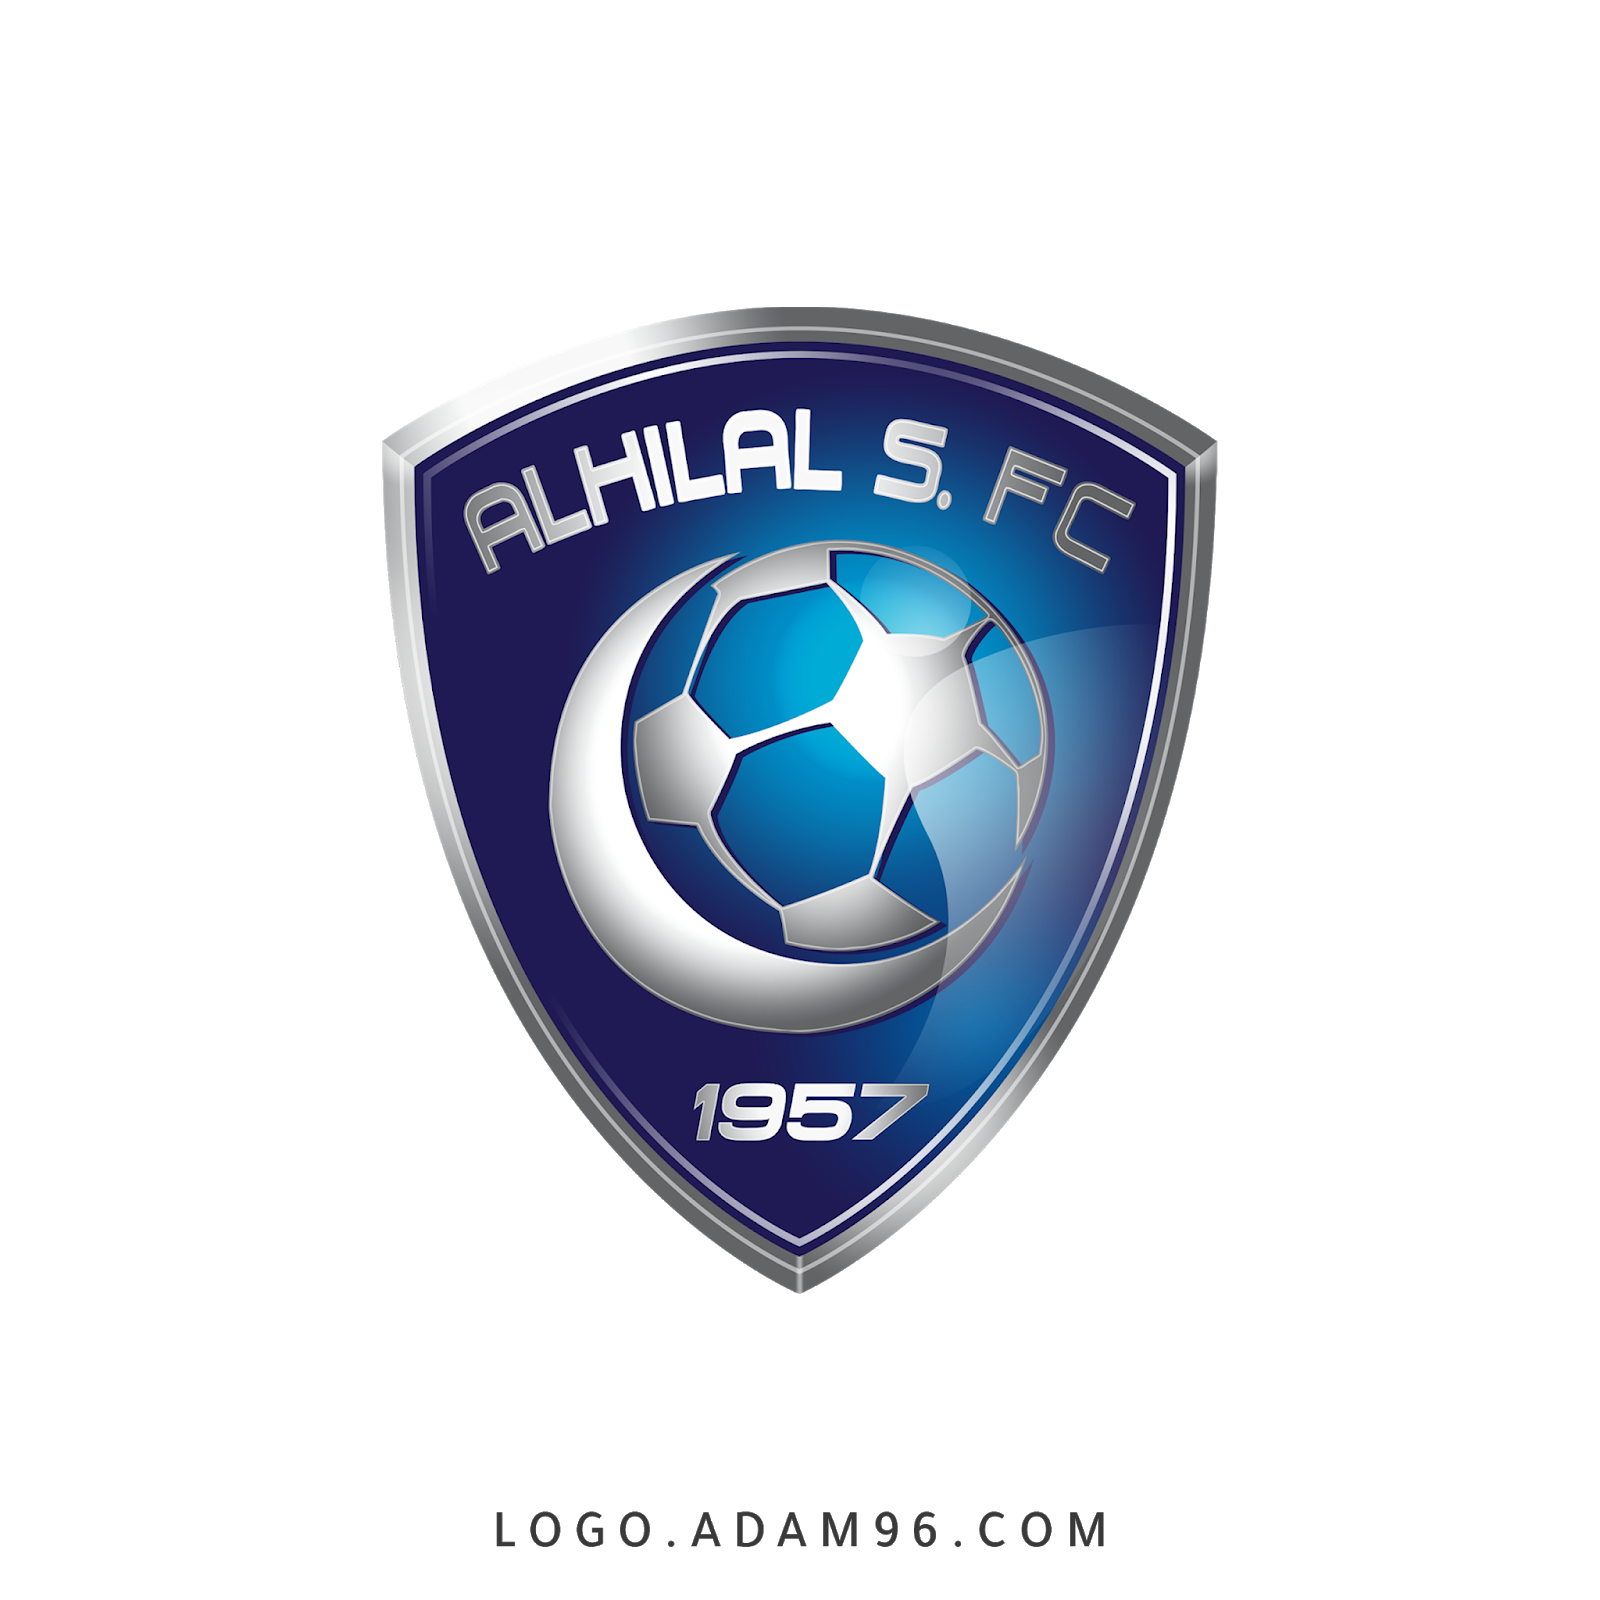 تحميل شعار نادي الهلال السعودي الاصلي بجودة عالية Png